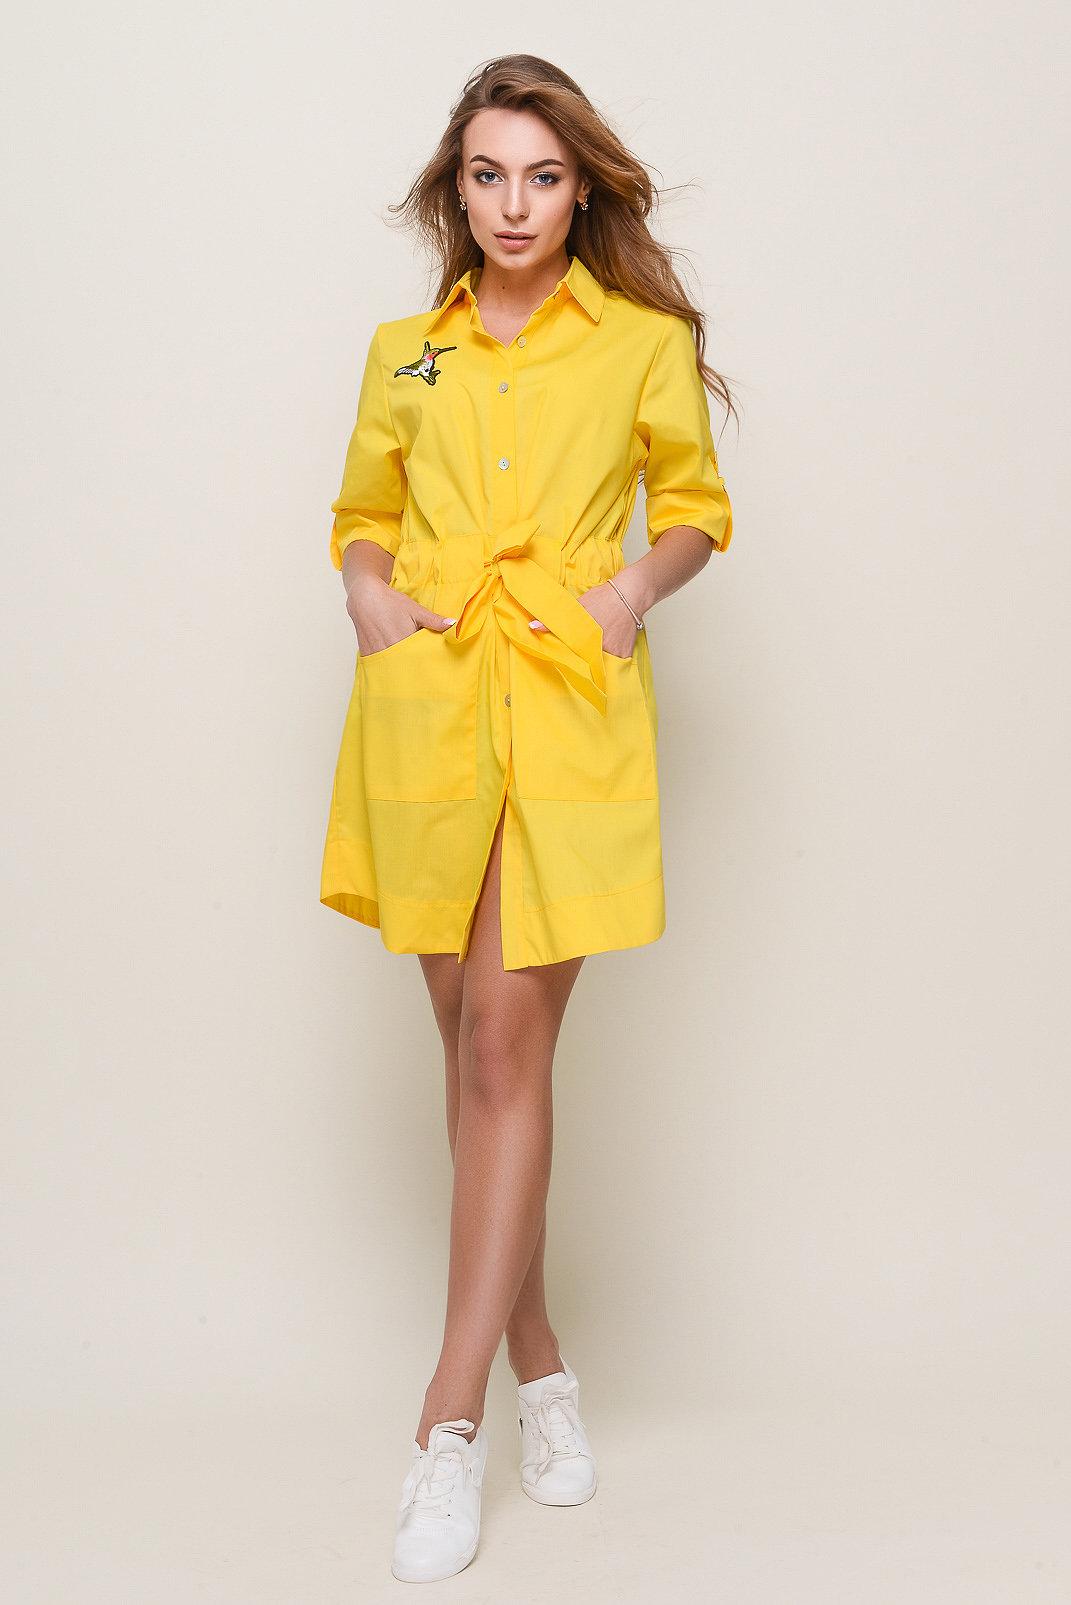 d8f73c08c68 Платье-рубашка модного желтого цвета с аппликацией » — карточка ...